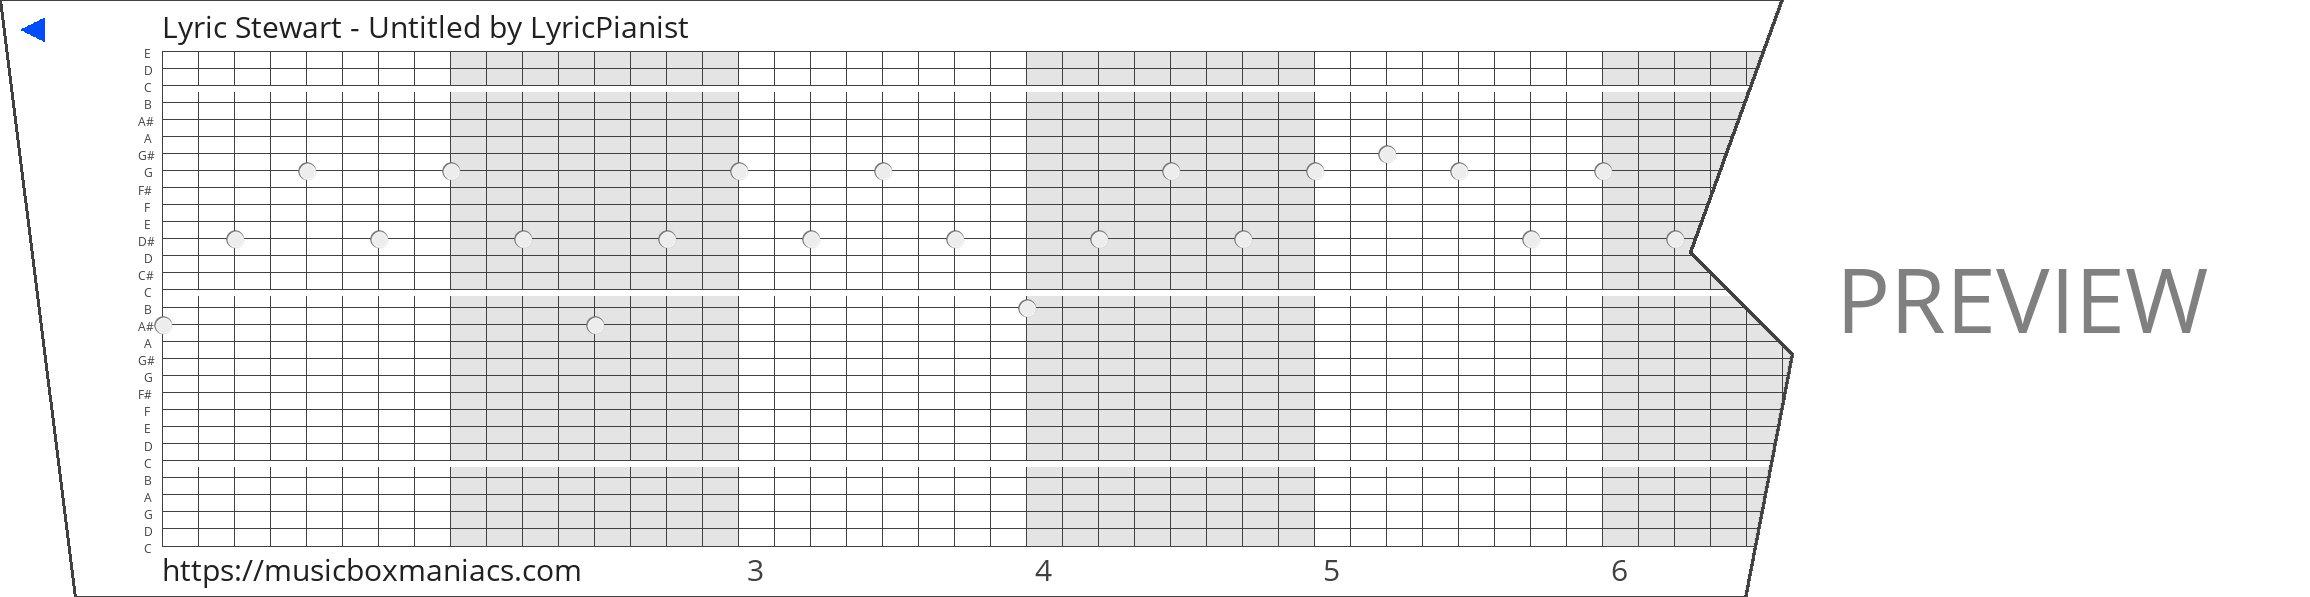 Lyric Stewart - Untitled 30 note music box paper strip